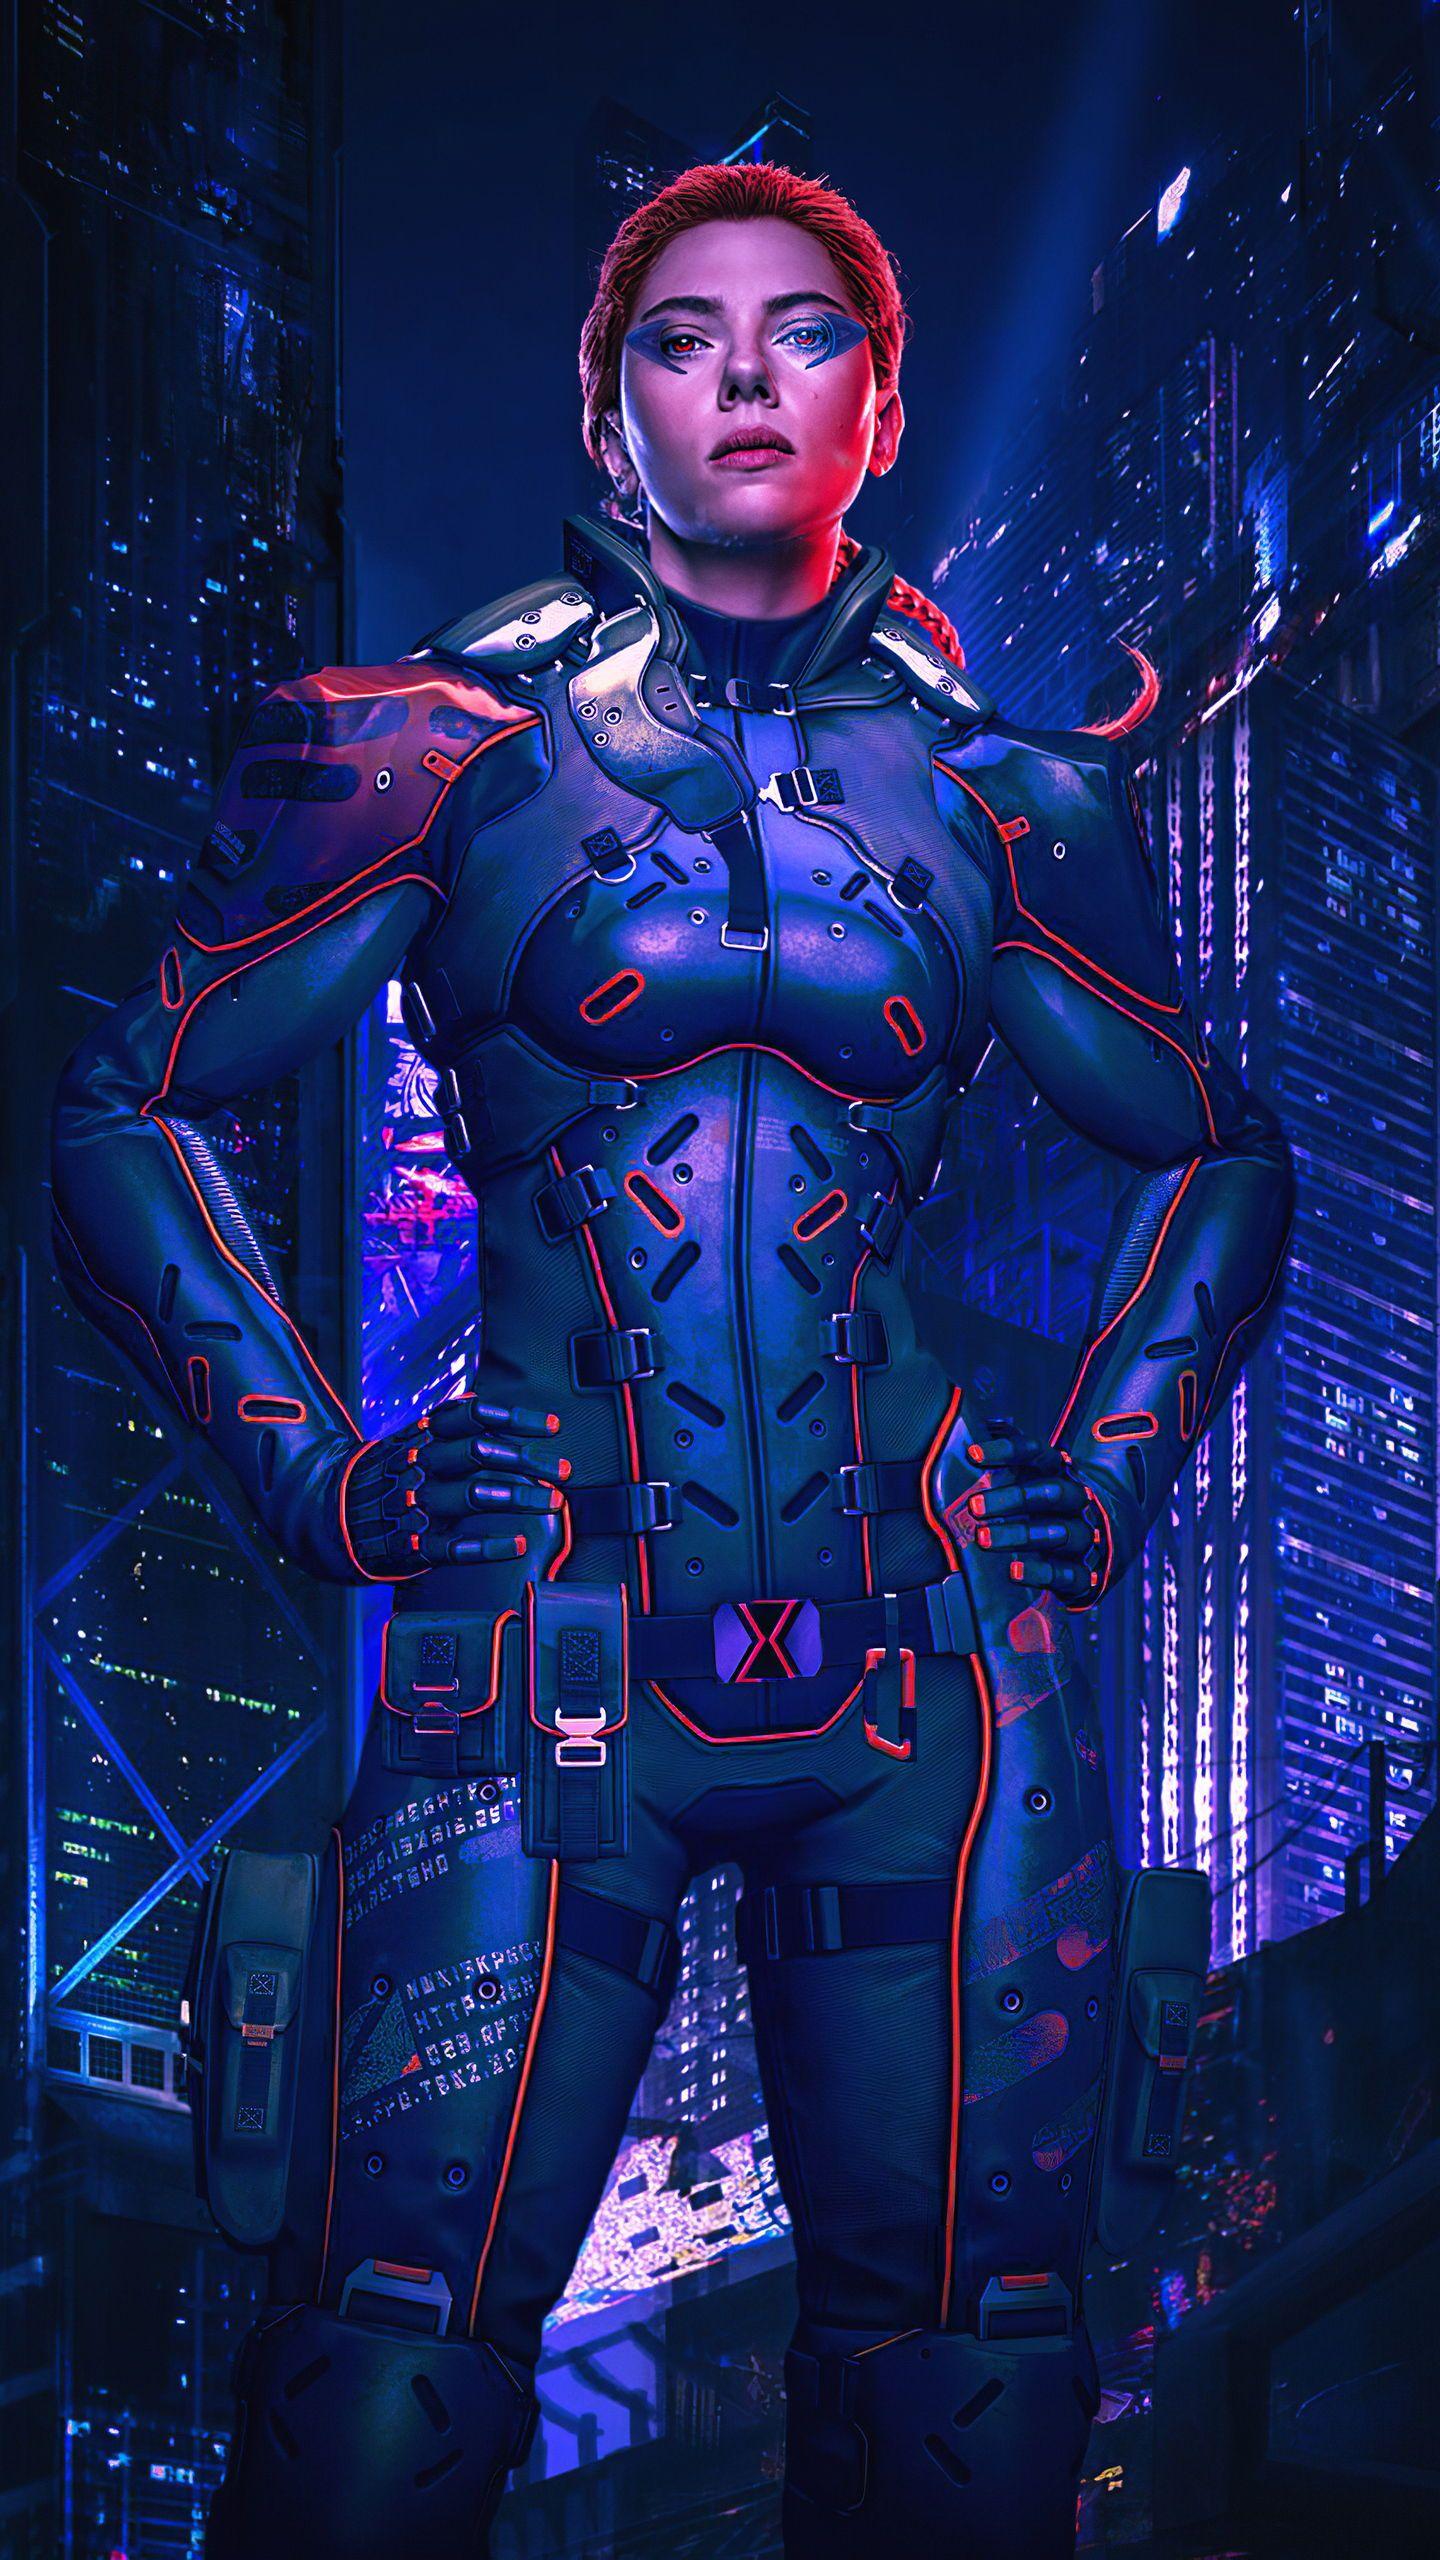 Ironman Tony Stark Avengers Art Wall Indoor Room Outdoor Poster POSTER 24x36